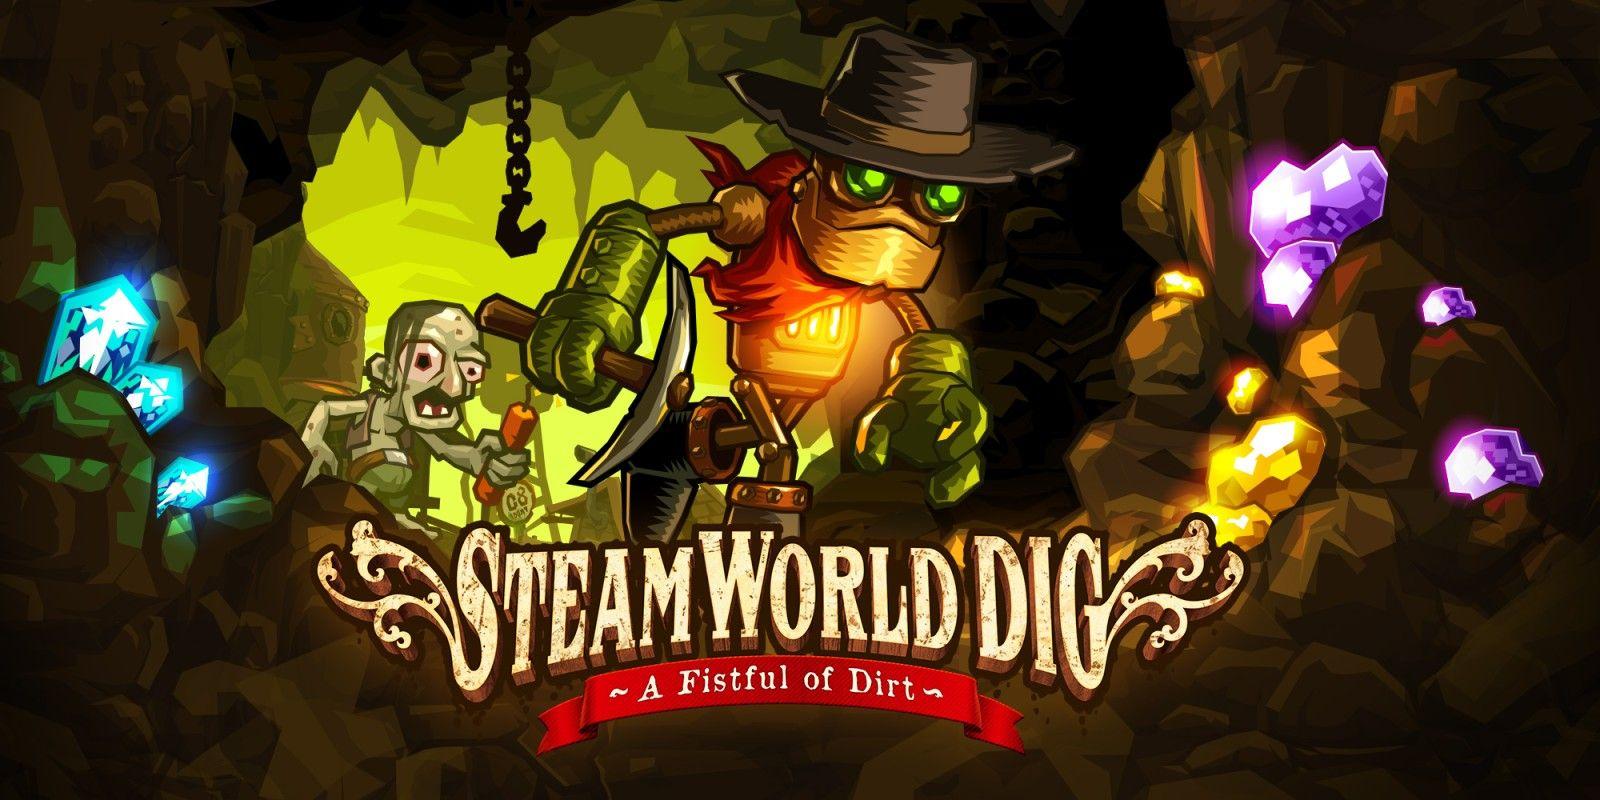 SteamWorld Dig Nintendo 3ds £1.74 @ Nintendo